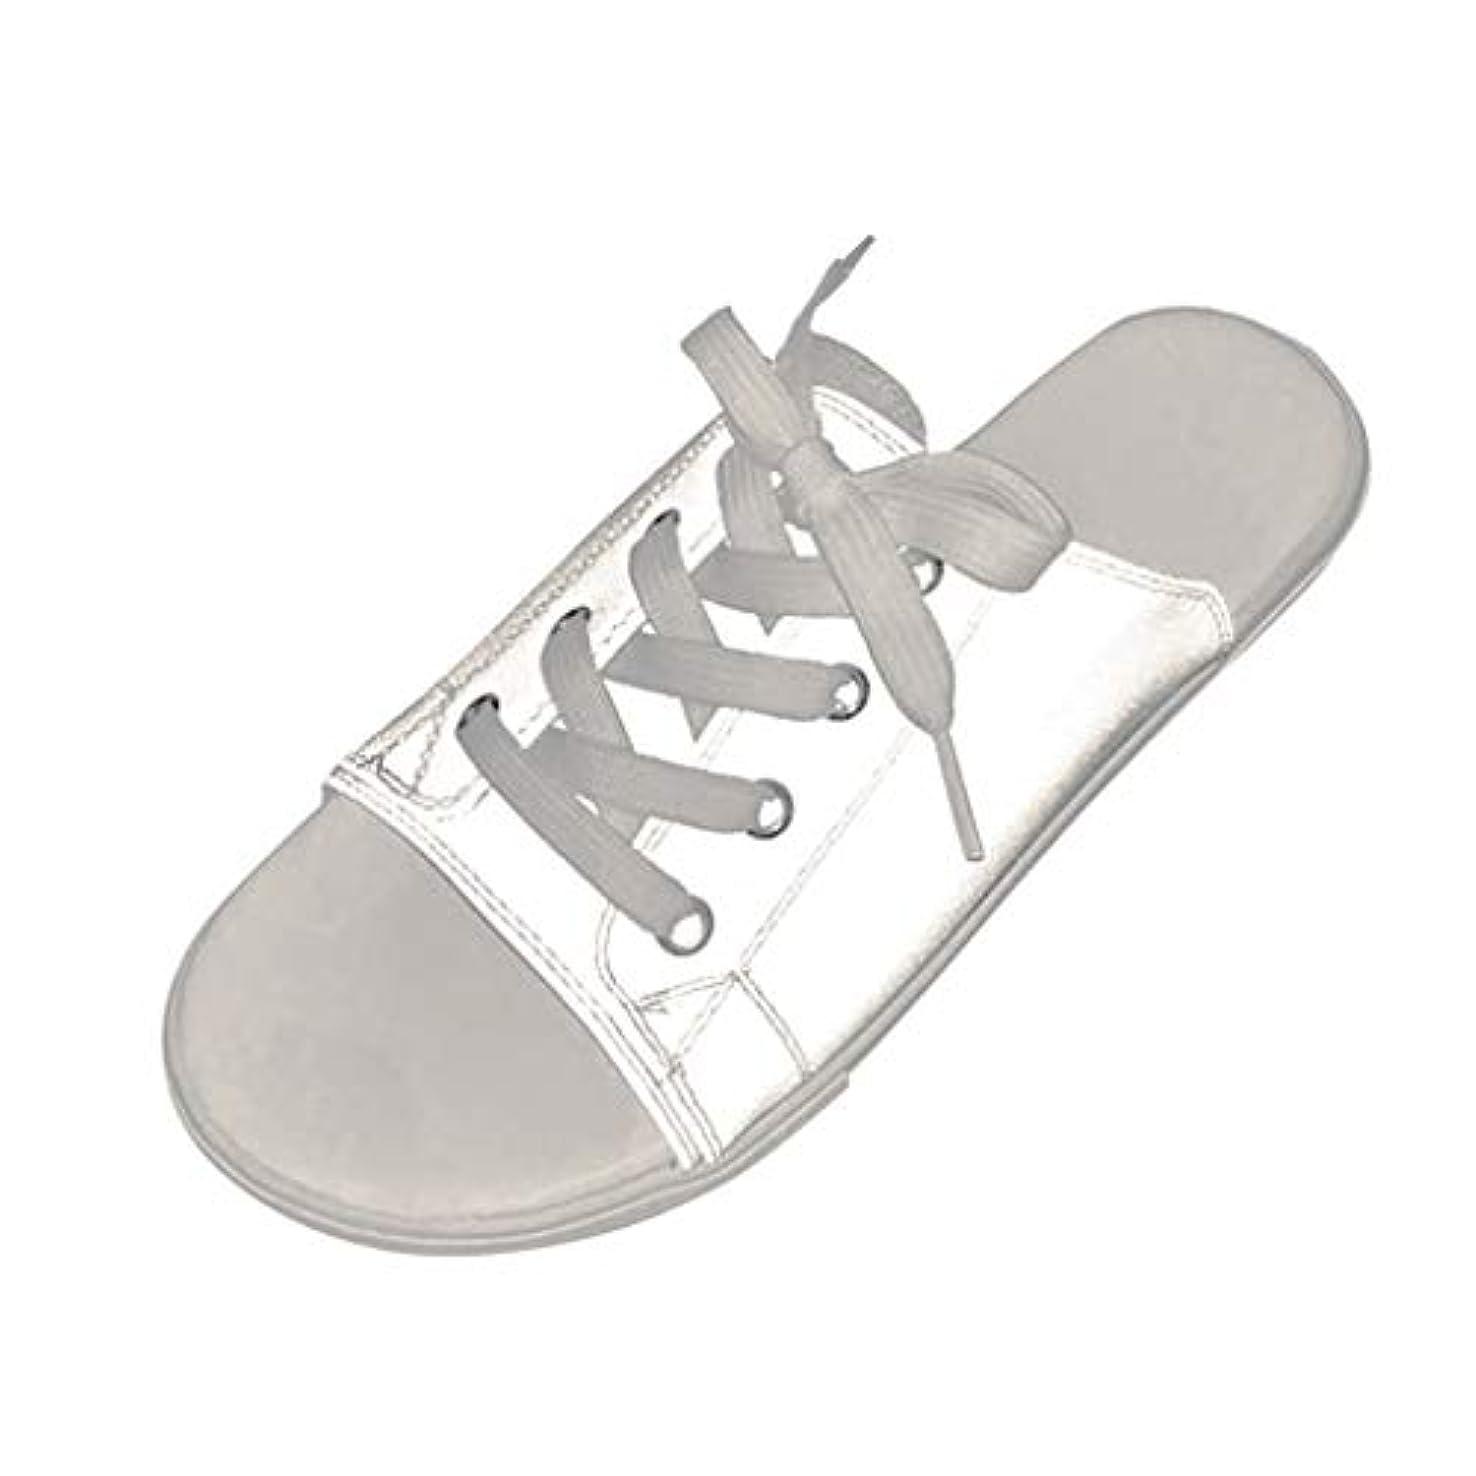 マイク呼吸するロードハウスカップルは靴を照らす スリッパシューズ サンダル フラットビーチシューズ 魚の口の靴 輝くサンダル フラットスリッパ レースアップビーチサンダル